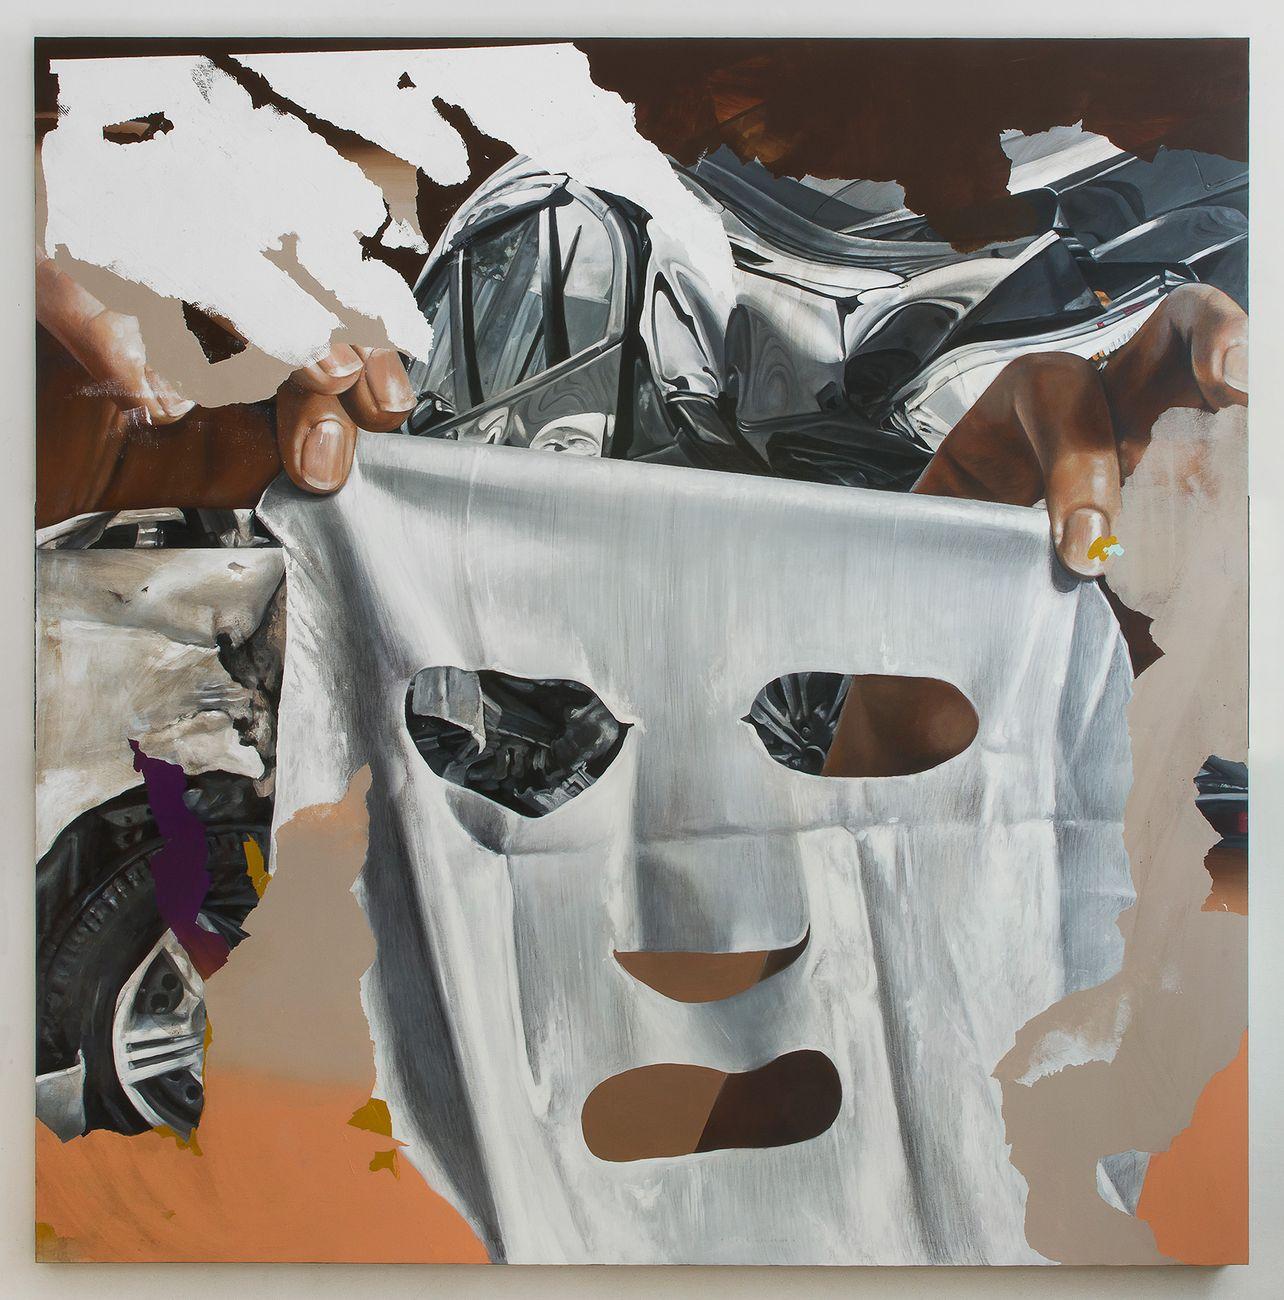 Andrea Martinucci, 5092019.jpeg, acrilico, terra, grafite e acciaio su tela, 200x200x4cm. Courtesy l'artista